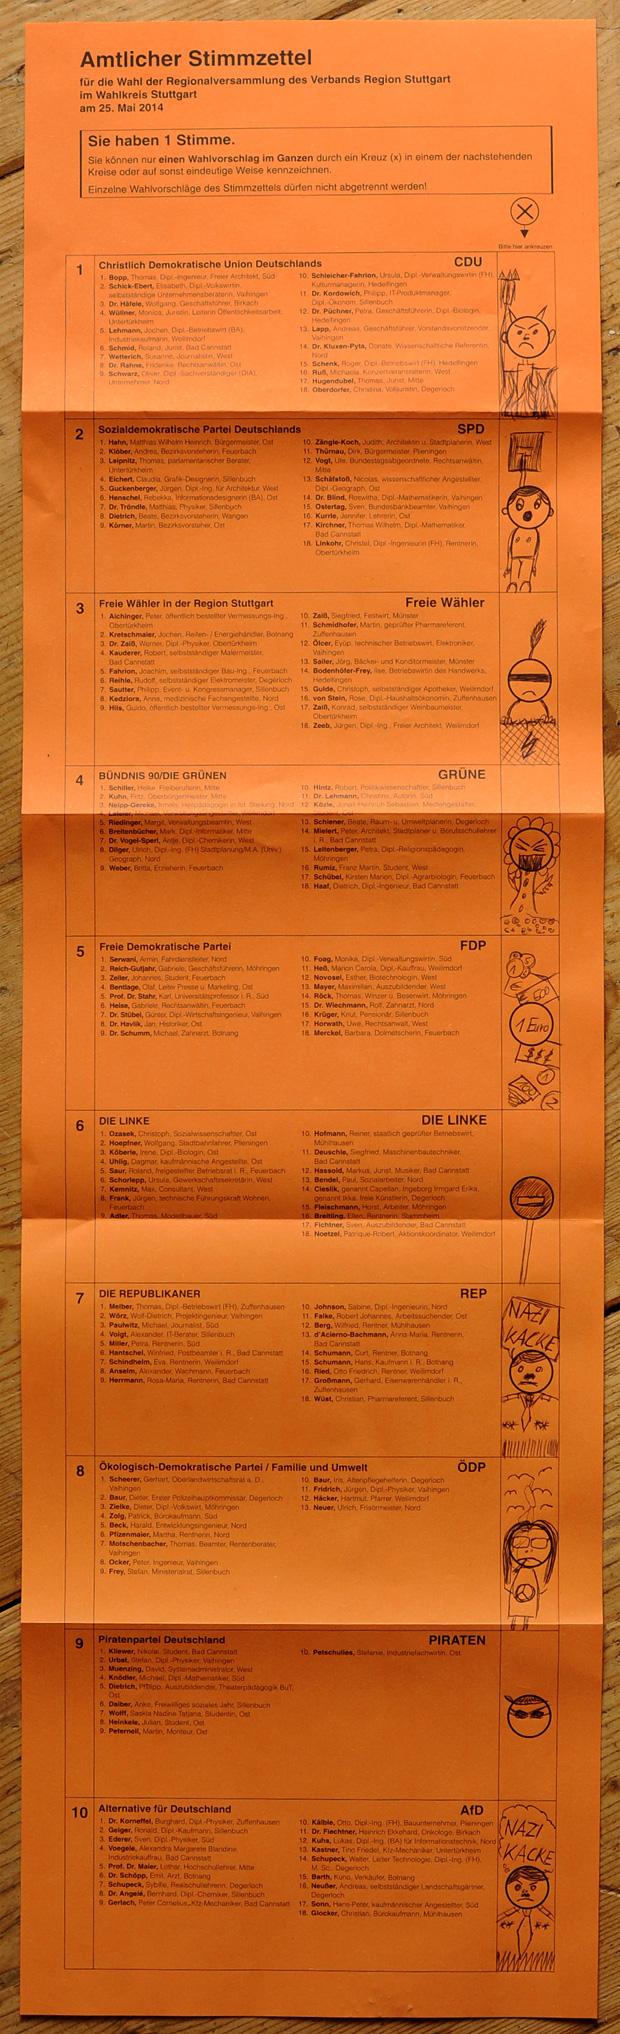 Wahlschein Regionalversammlung des Verbands Region Stuttgart